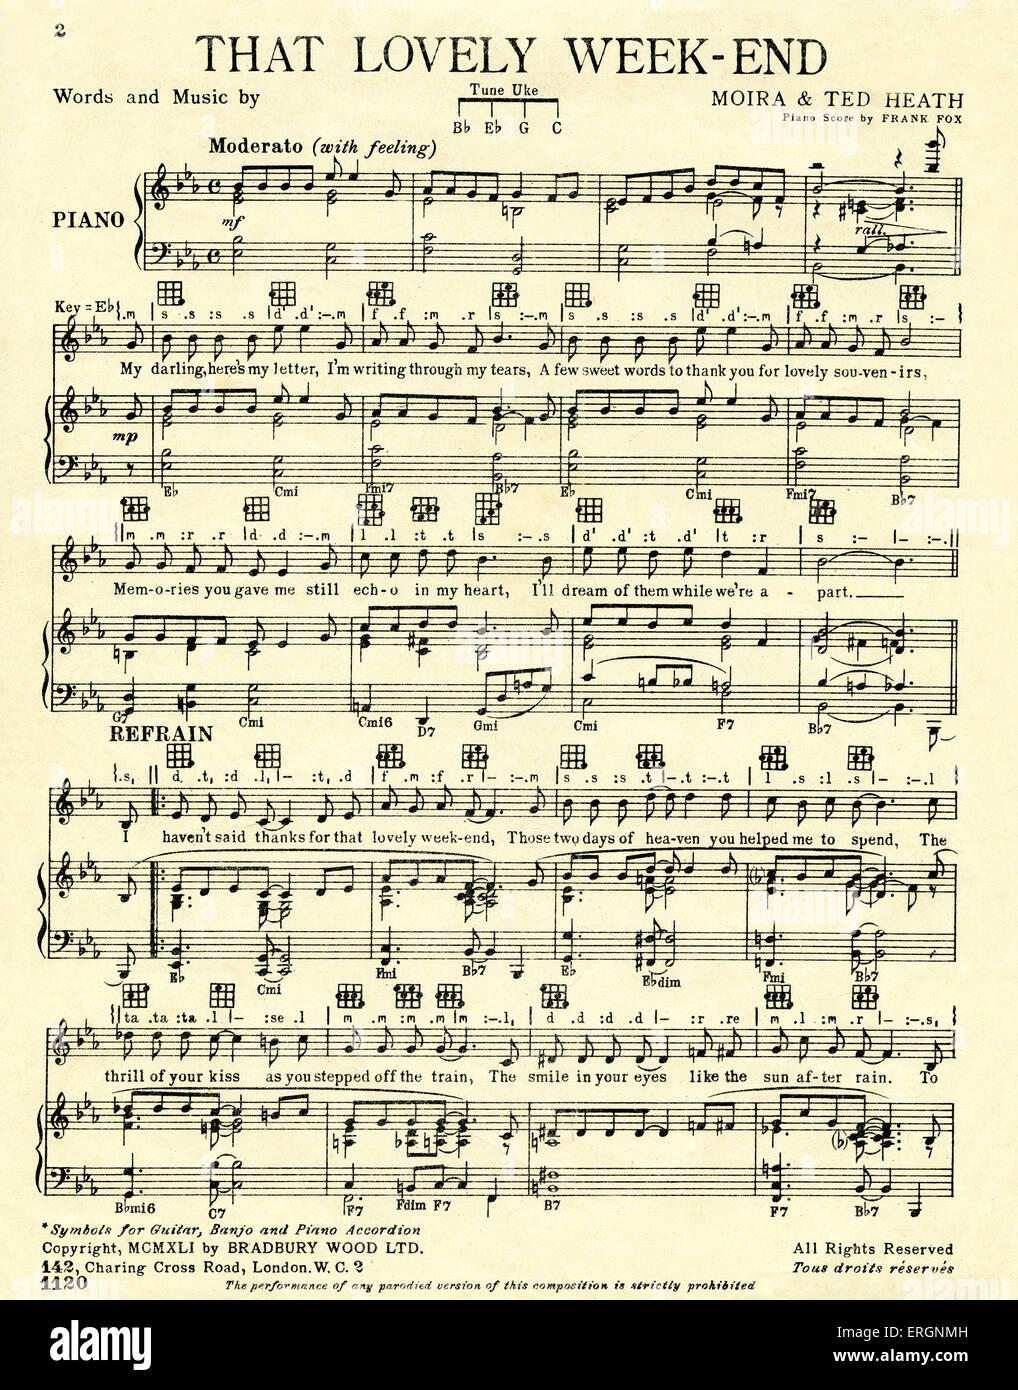 Das schöne Wochenende, - Score - Text und Musik von Moira und Ted Heath, Partitur, herausgegeben von Bradbury Stockbild